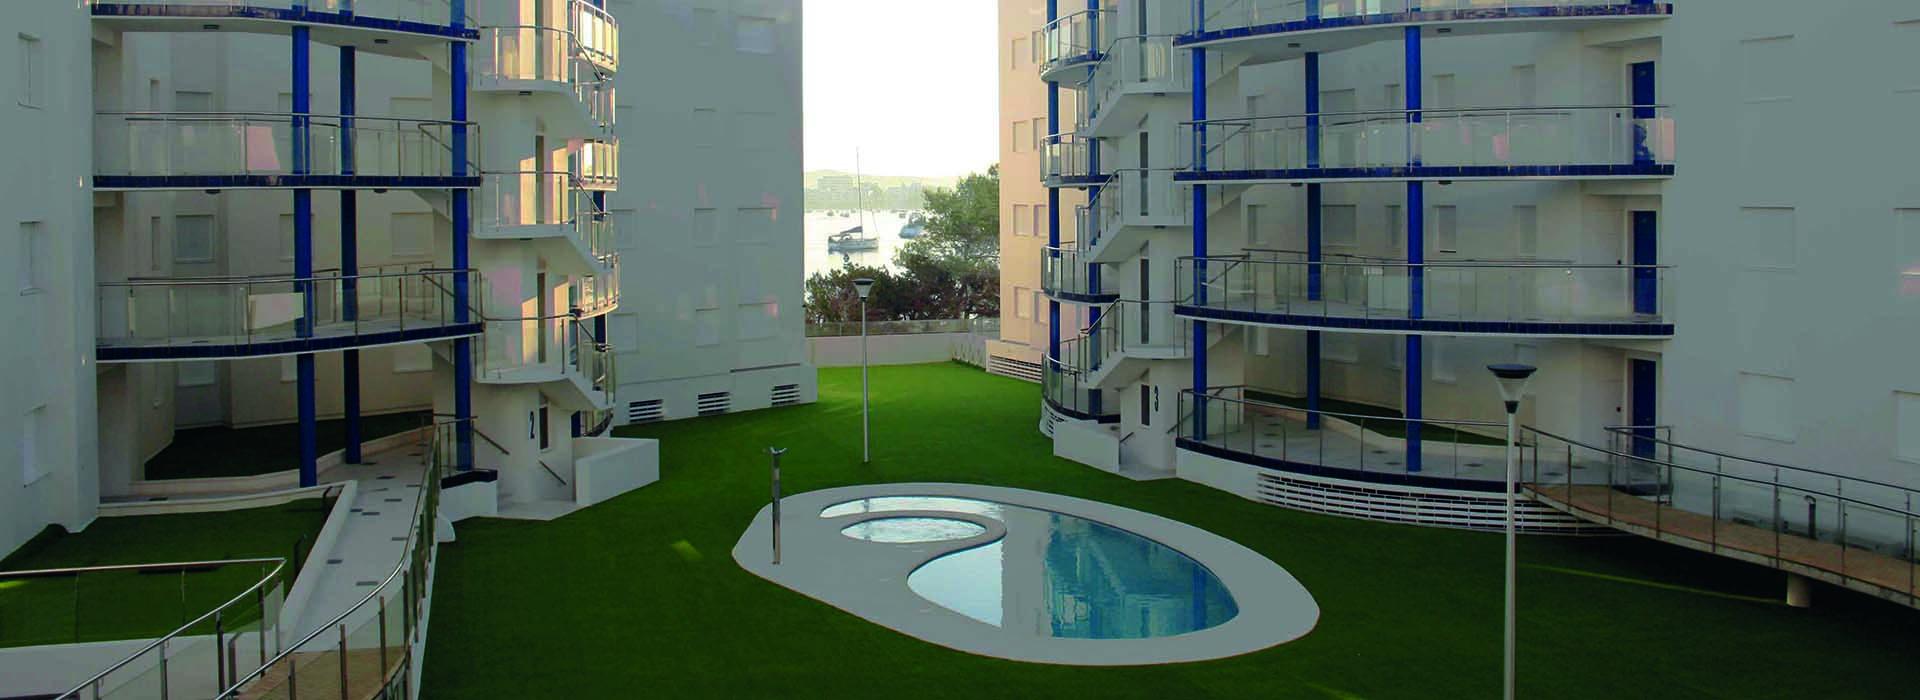 Immeubles à appartements dans une belle résidence avec une piscine au milieu.